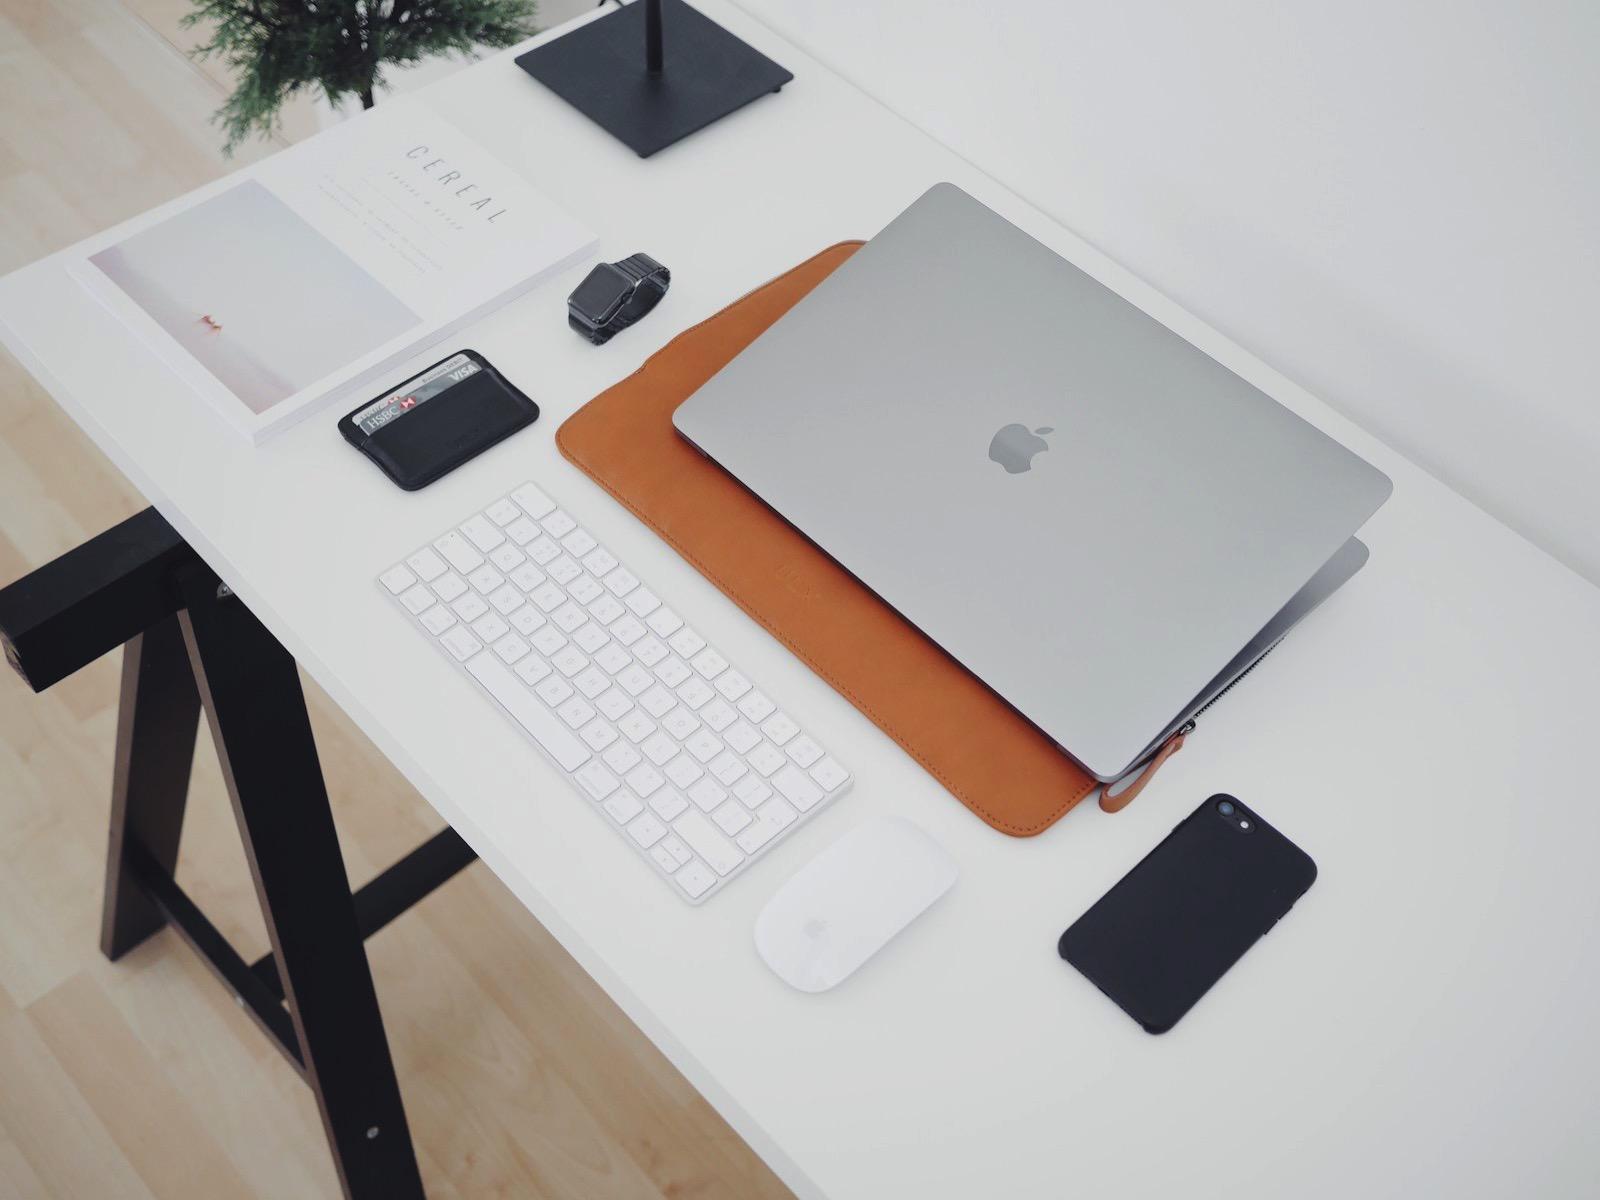 Oliur 280433 unsplash macbook pro